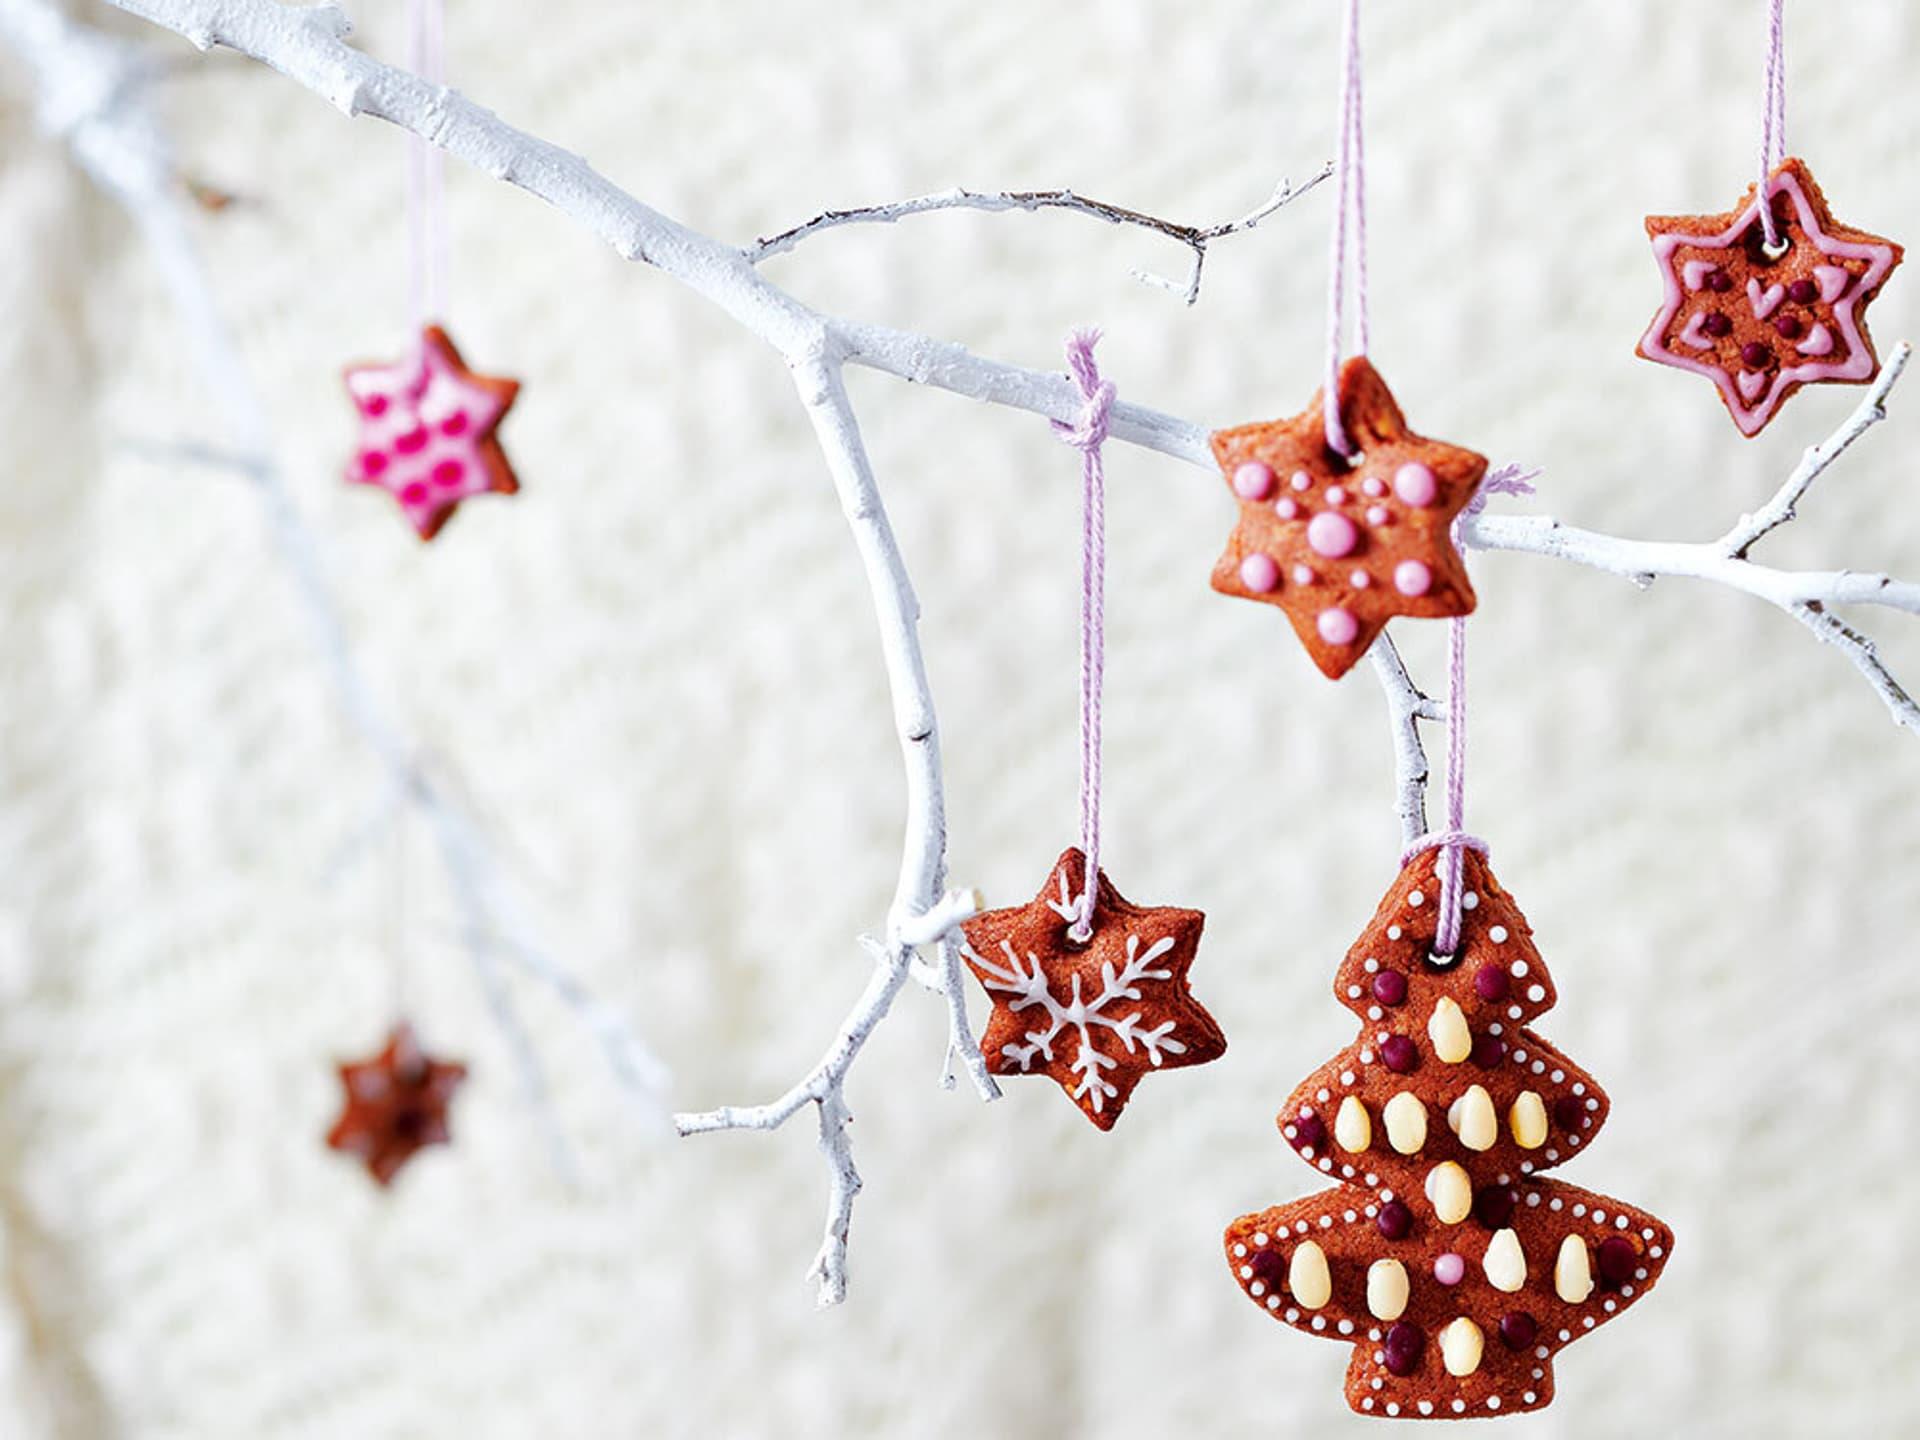 Lebkuchen-Weihnachtsbaum und Lebkuchen-Sterne